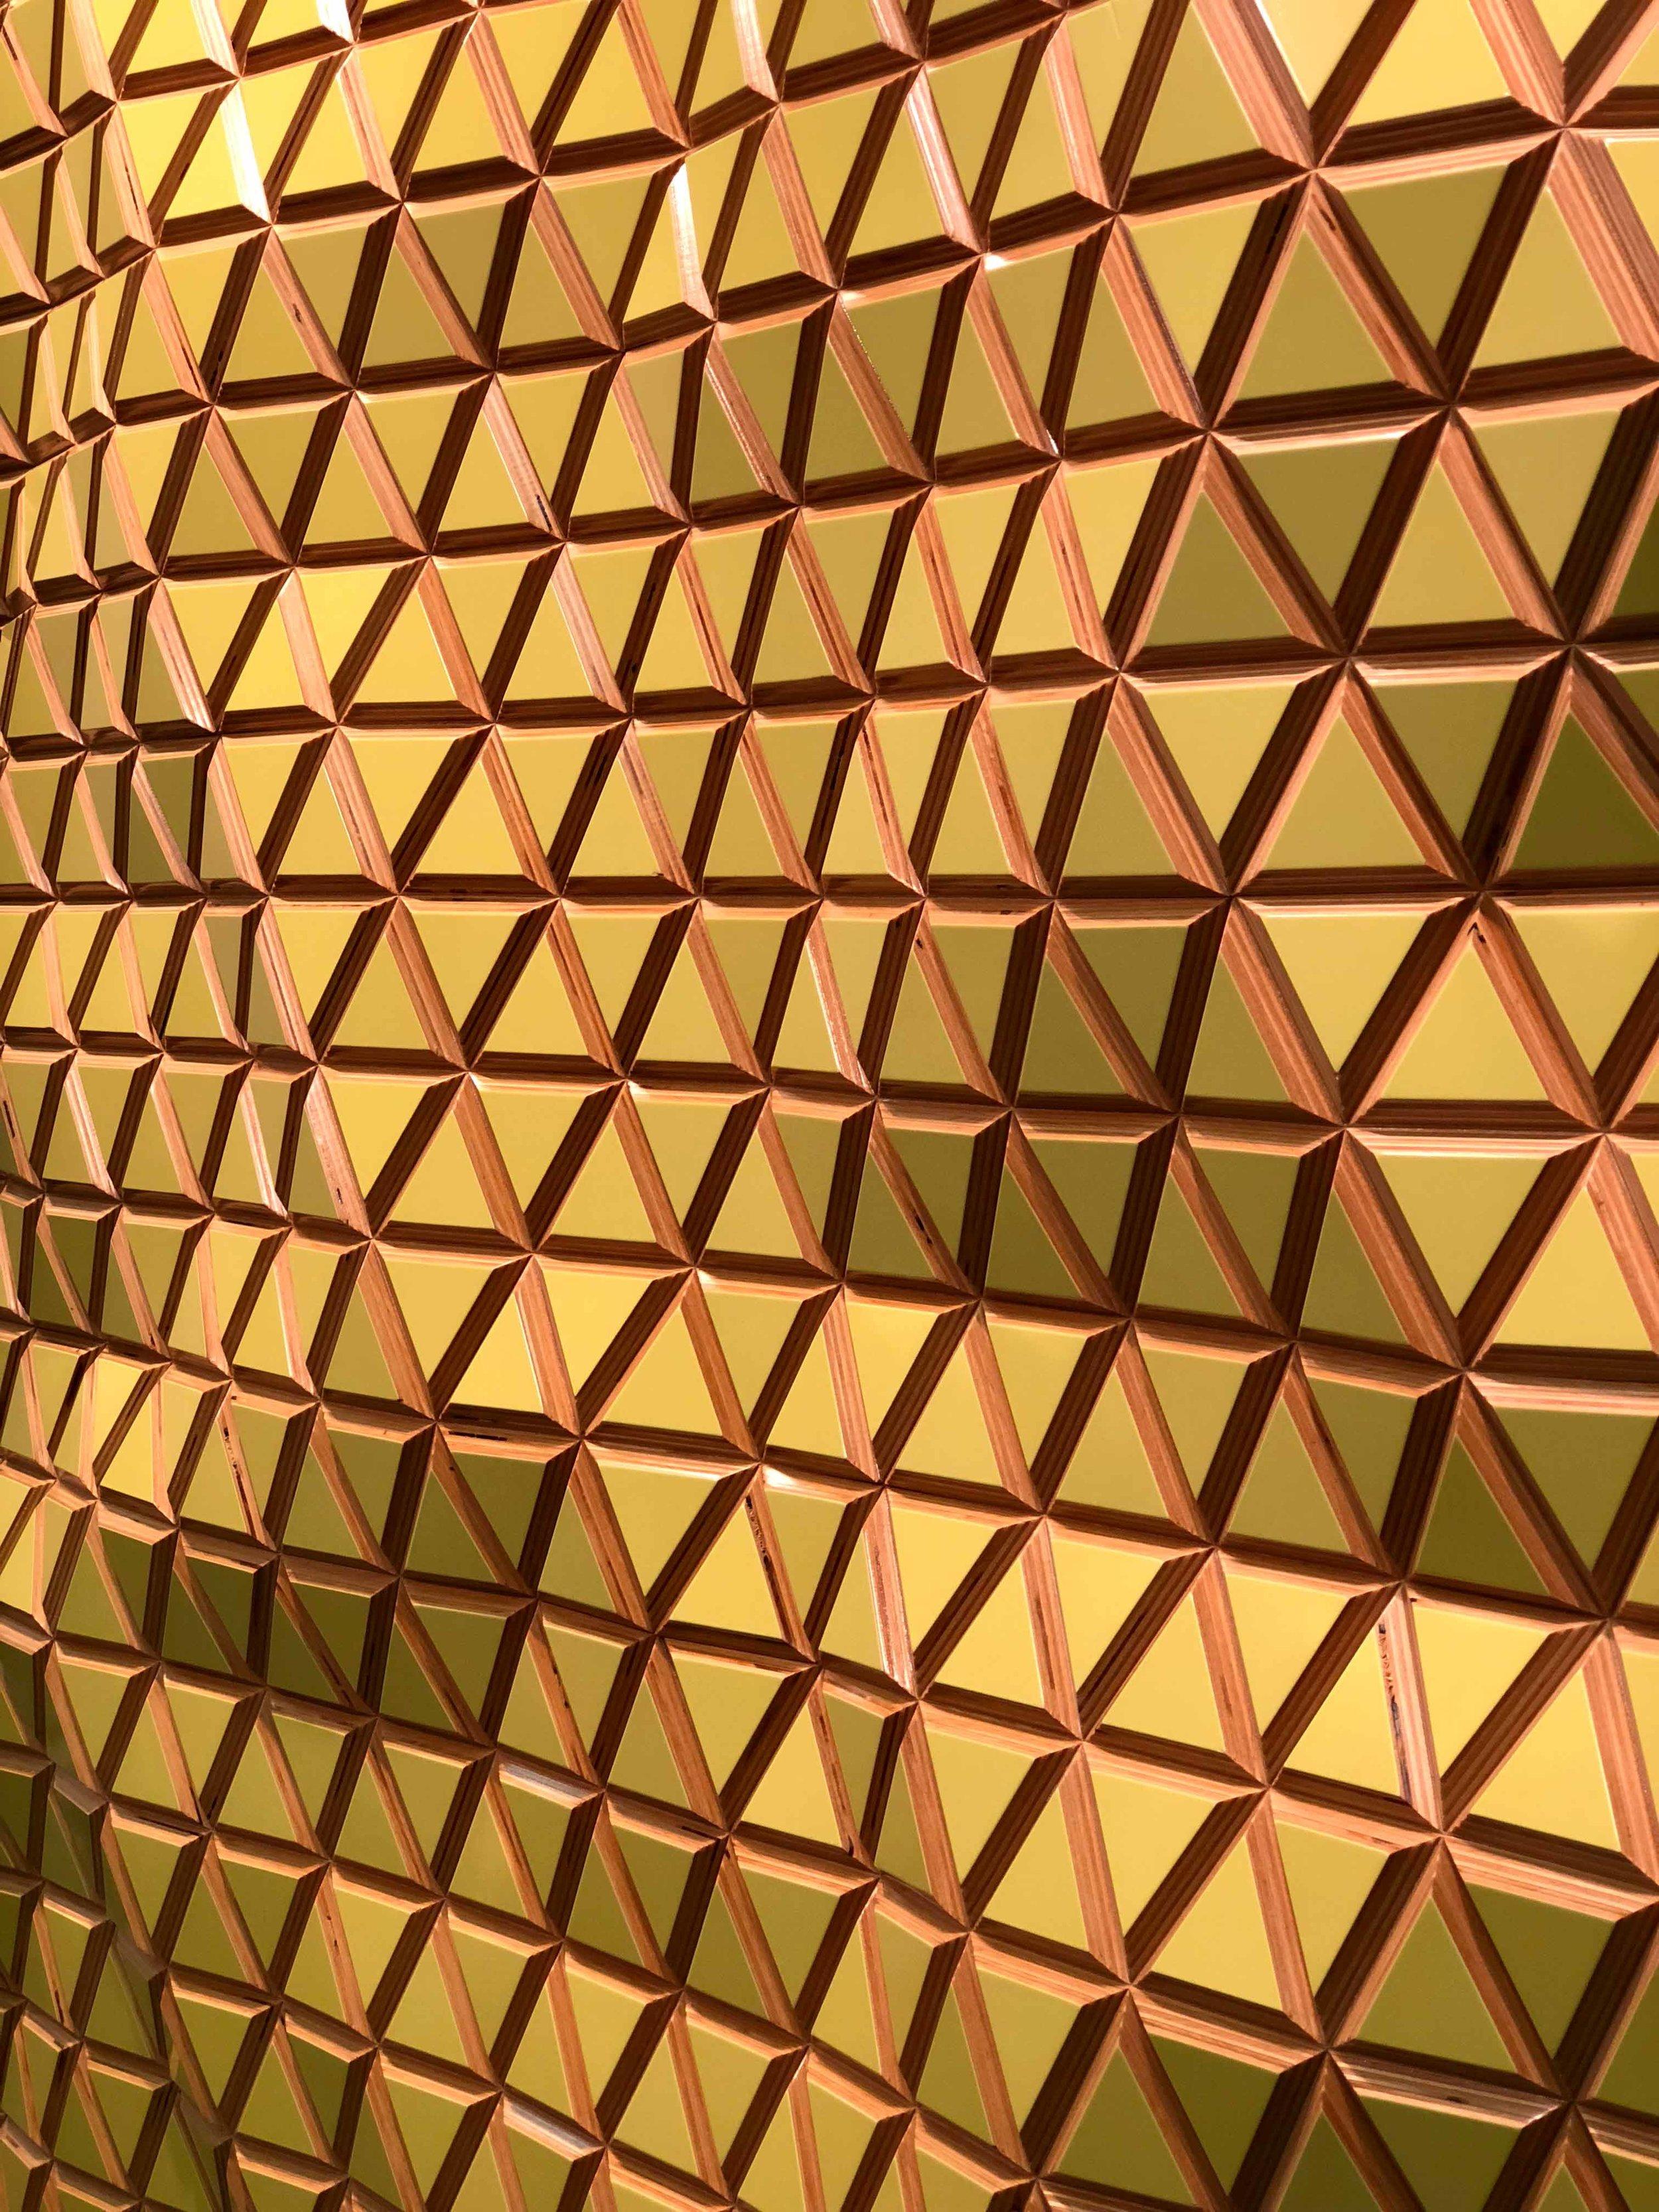 HGU_Honeycomb-Conjecture_57x59in_144x150cm_D2.jpg